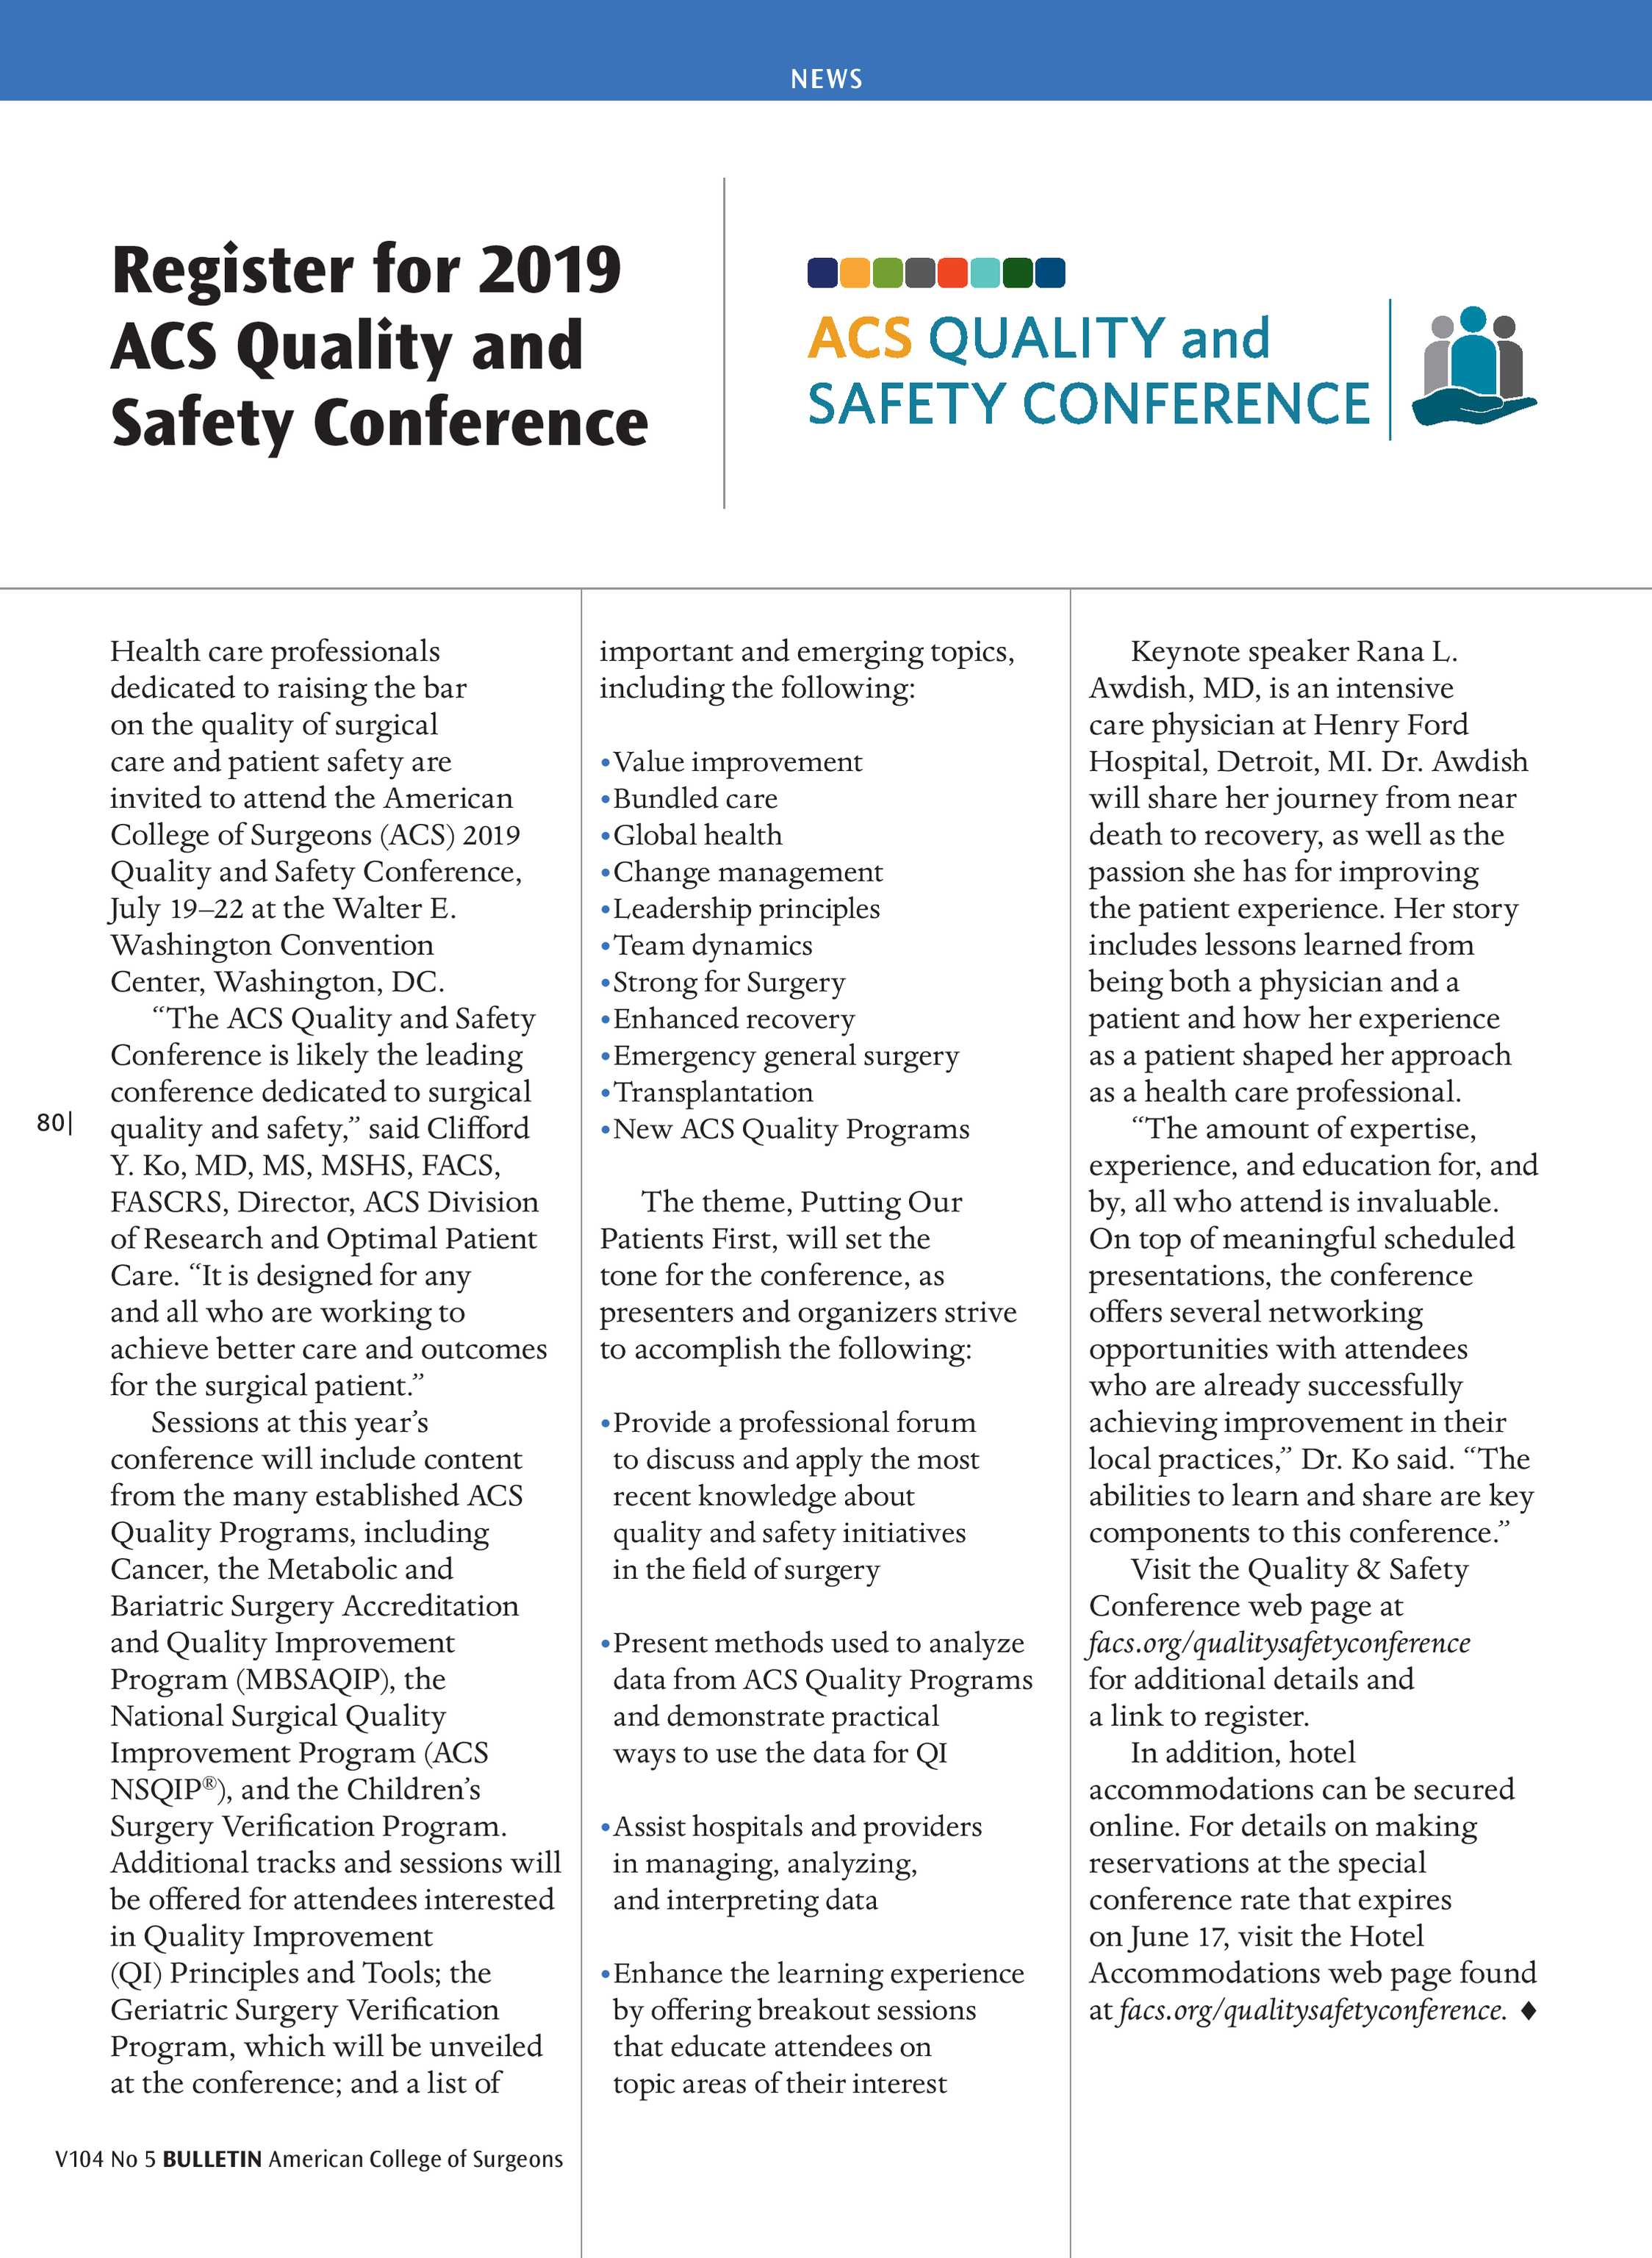 ACS Bulletin - May 2019 - page 80